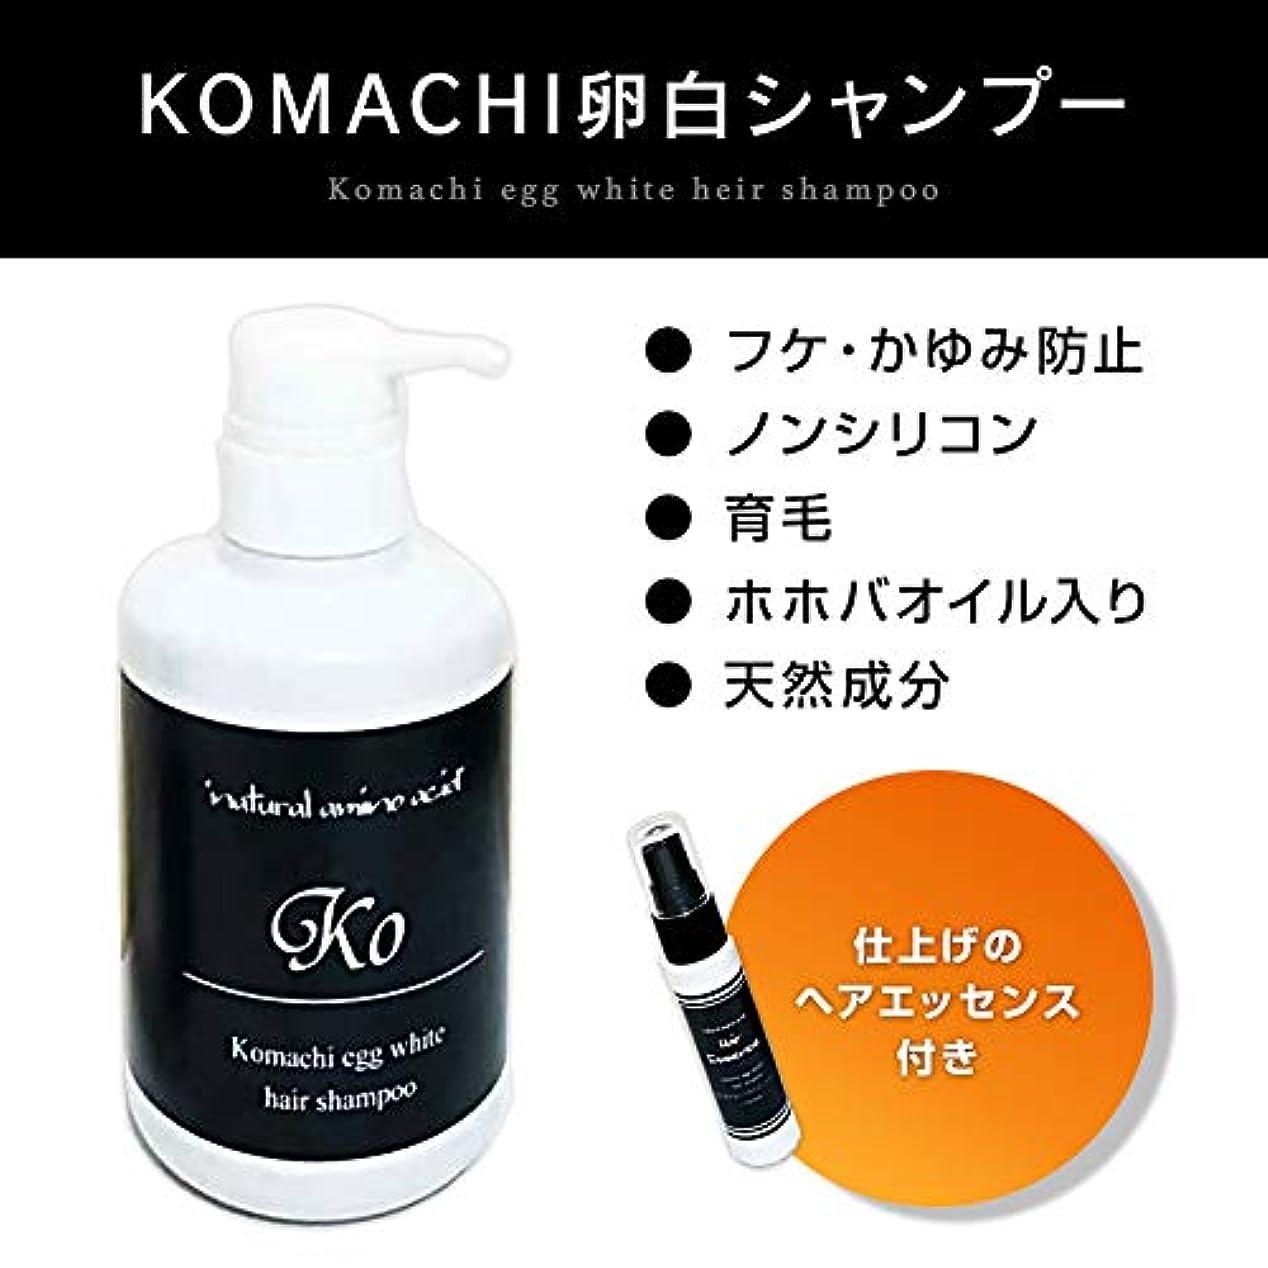 胆嚢スパーク顎KOMACHI シャンプー メンズ 無添加 人気 オーガニック ノンシリコン 日本製 ホホバオイル入り ヘアエッセンス付きシャンプー セット